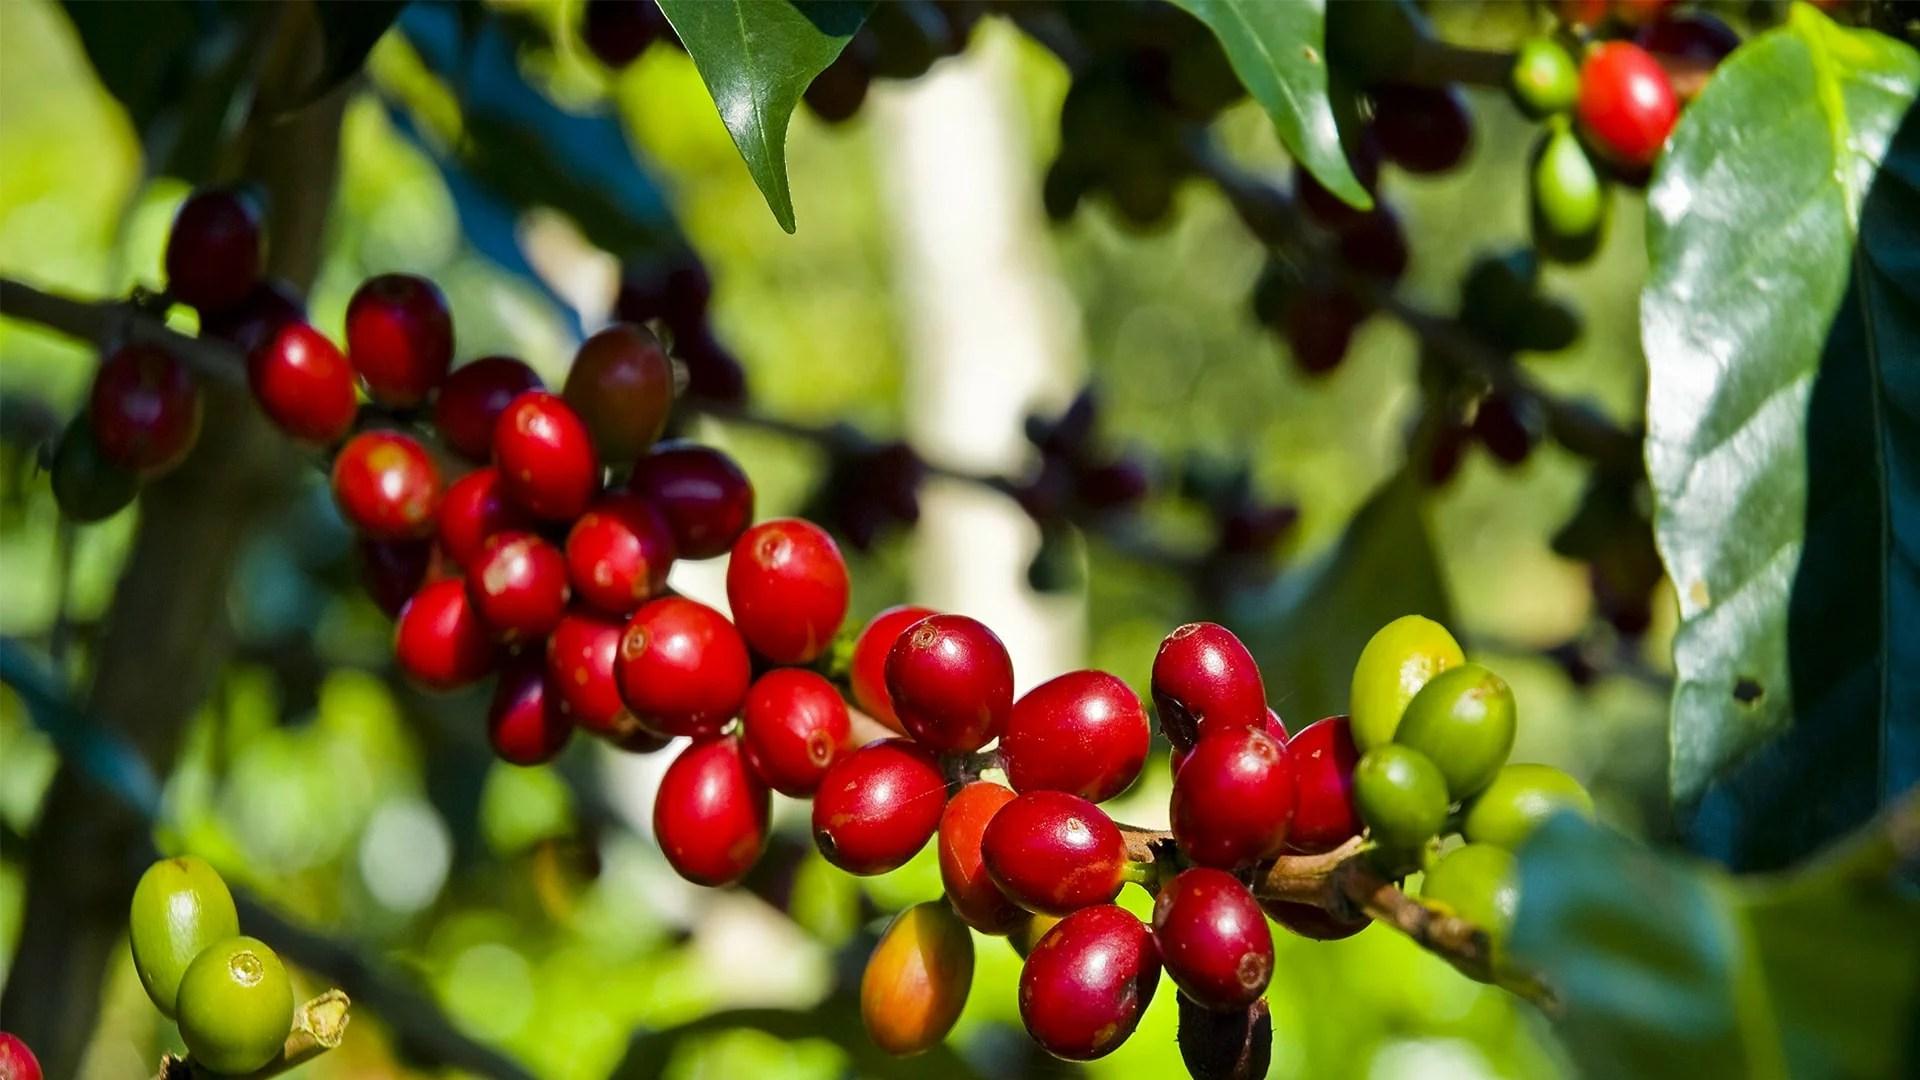 Anbassa-artisan-torrefacteur-arbre-cafe-vert-slider-2-min